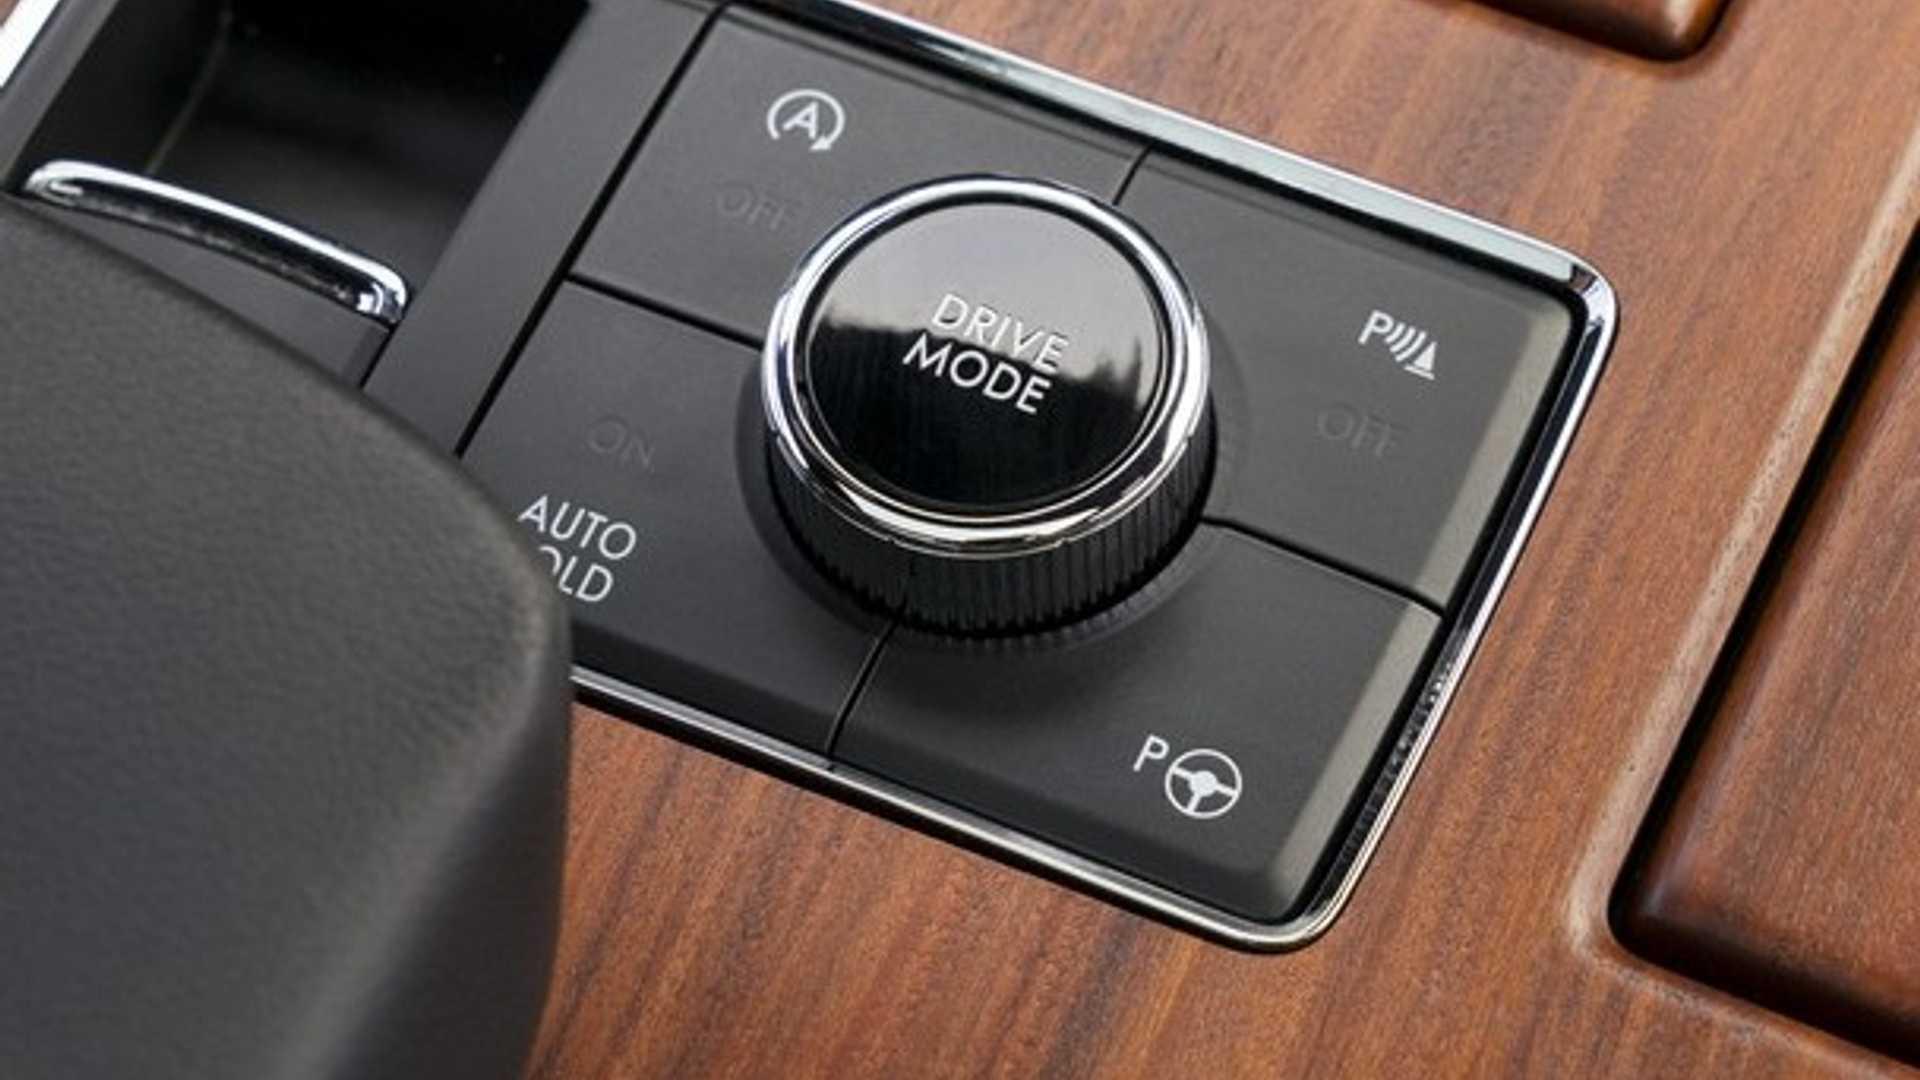 Автомобилестроительная компания «Линкольн» представила Navigator 2020 модельного года. Внедорожник получил расширенное оборудование в базе и три стайлинг-пакета Monochromatic.